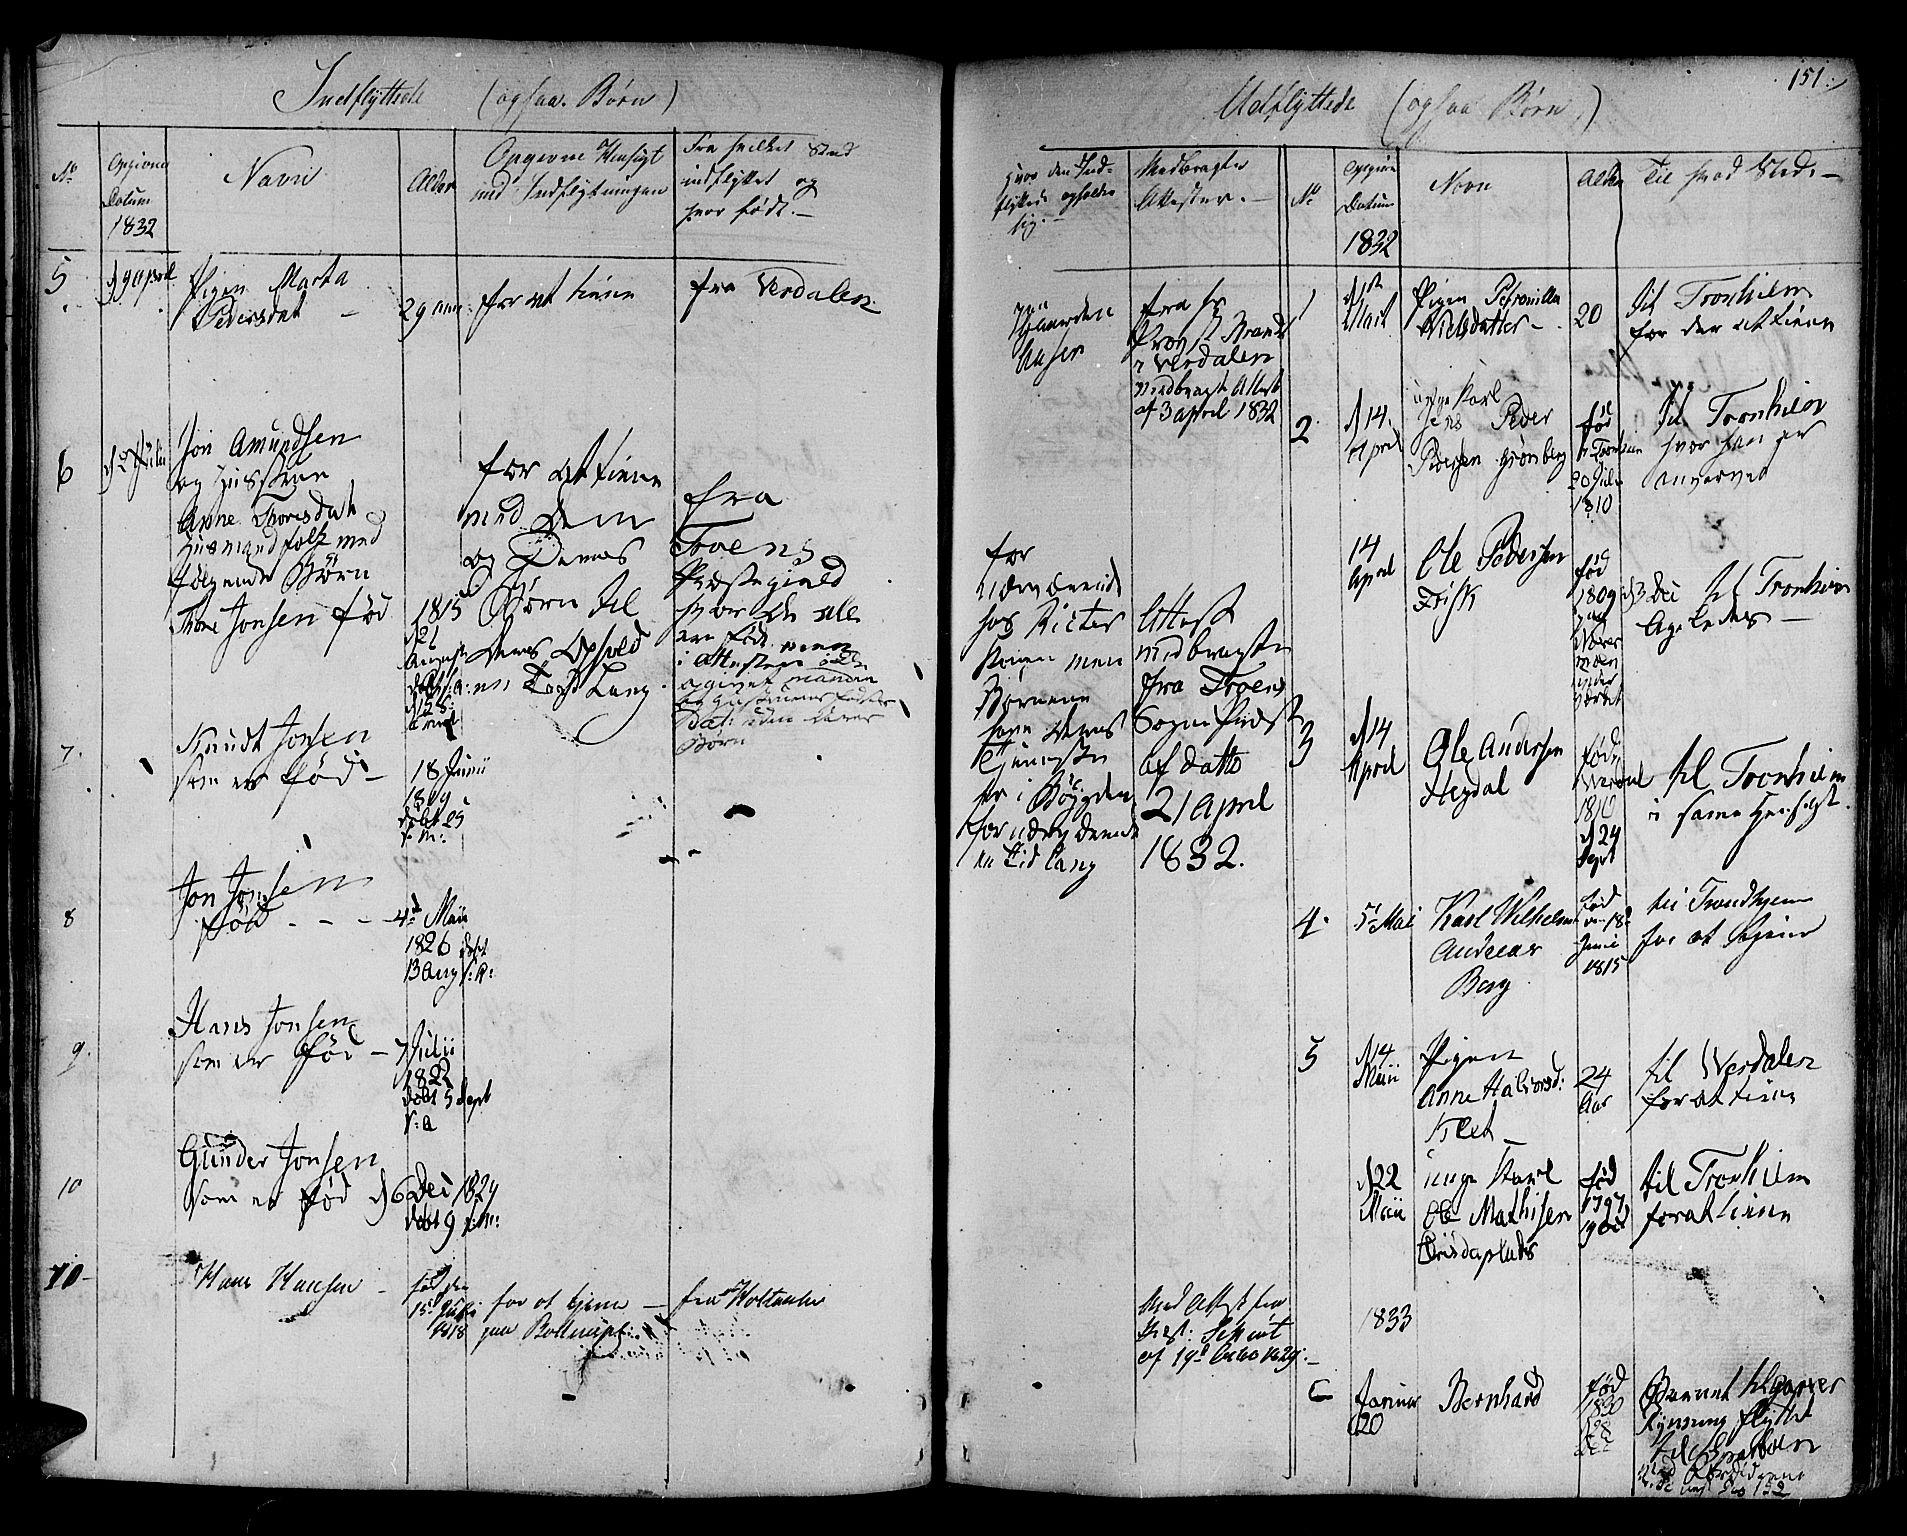 SAT, Ministerialprotokoller, klokkerbøker og fødselsregistre - Nord-Trøndelag, 730/L0277: Ministerialbok nr. 730A06 /1, 1830-1839, s. 151